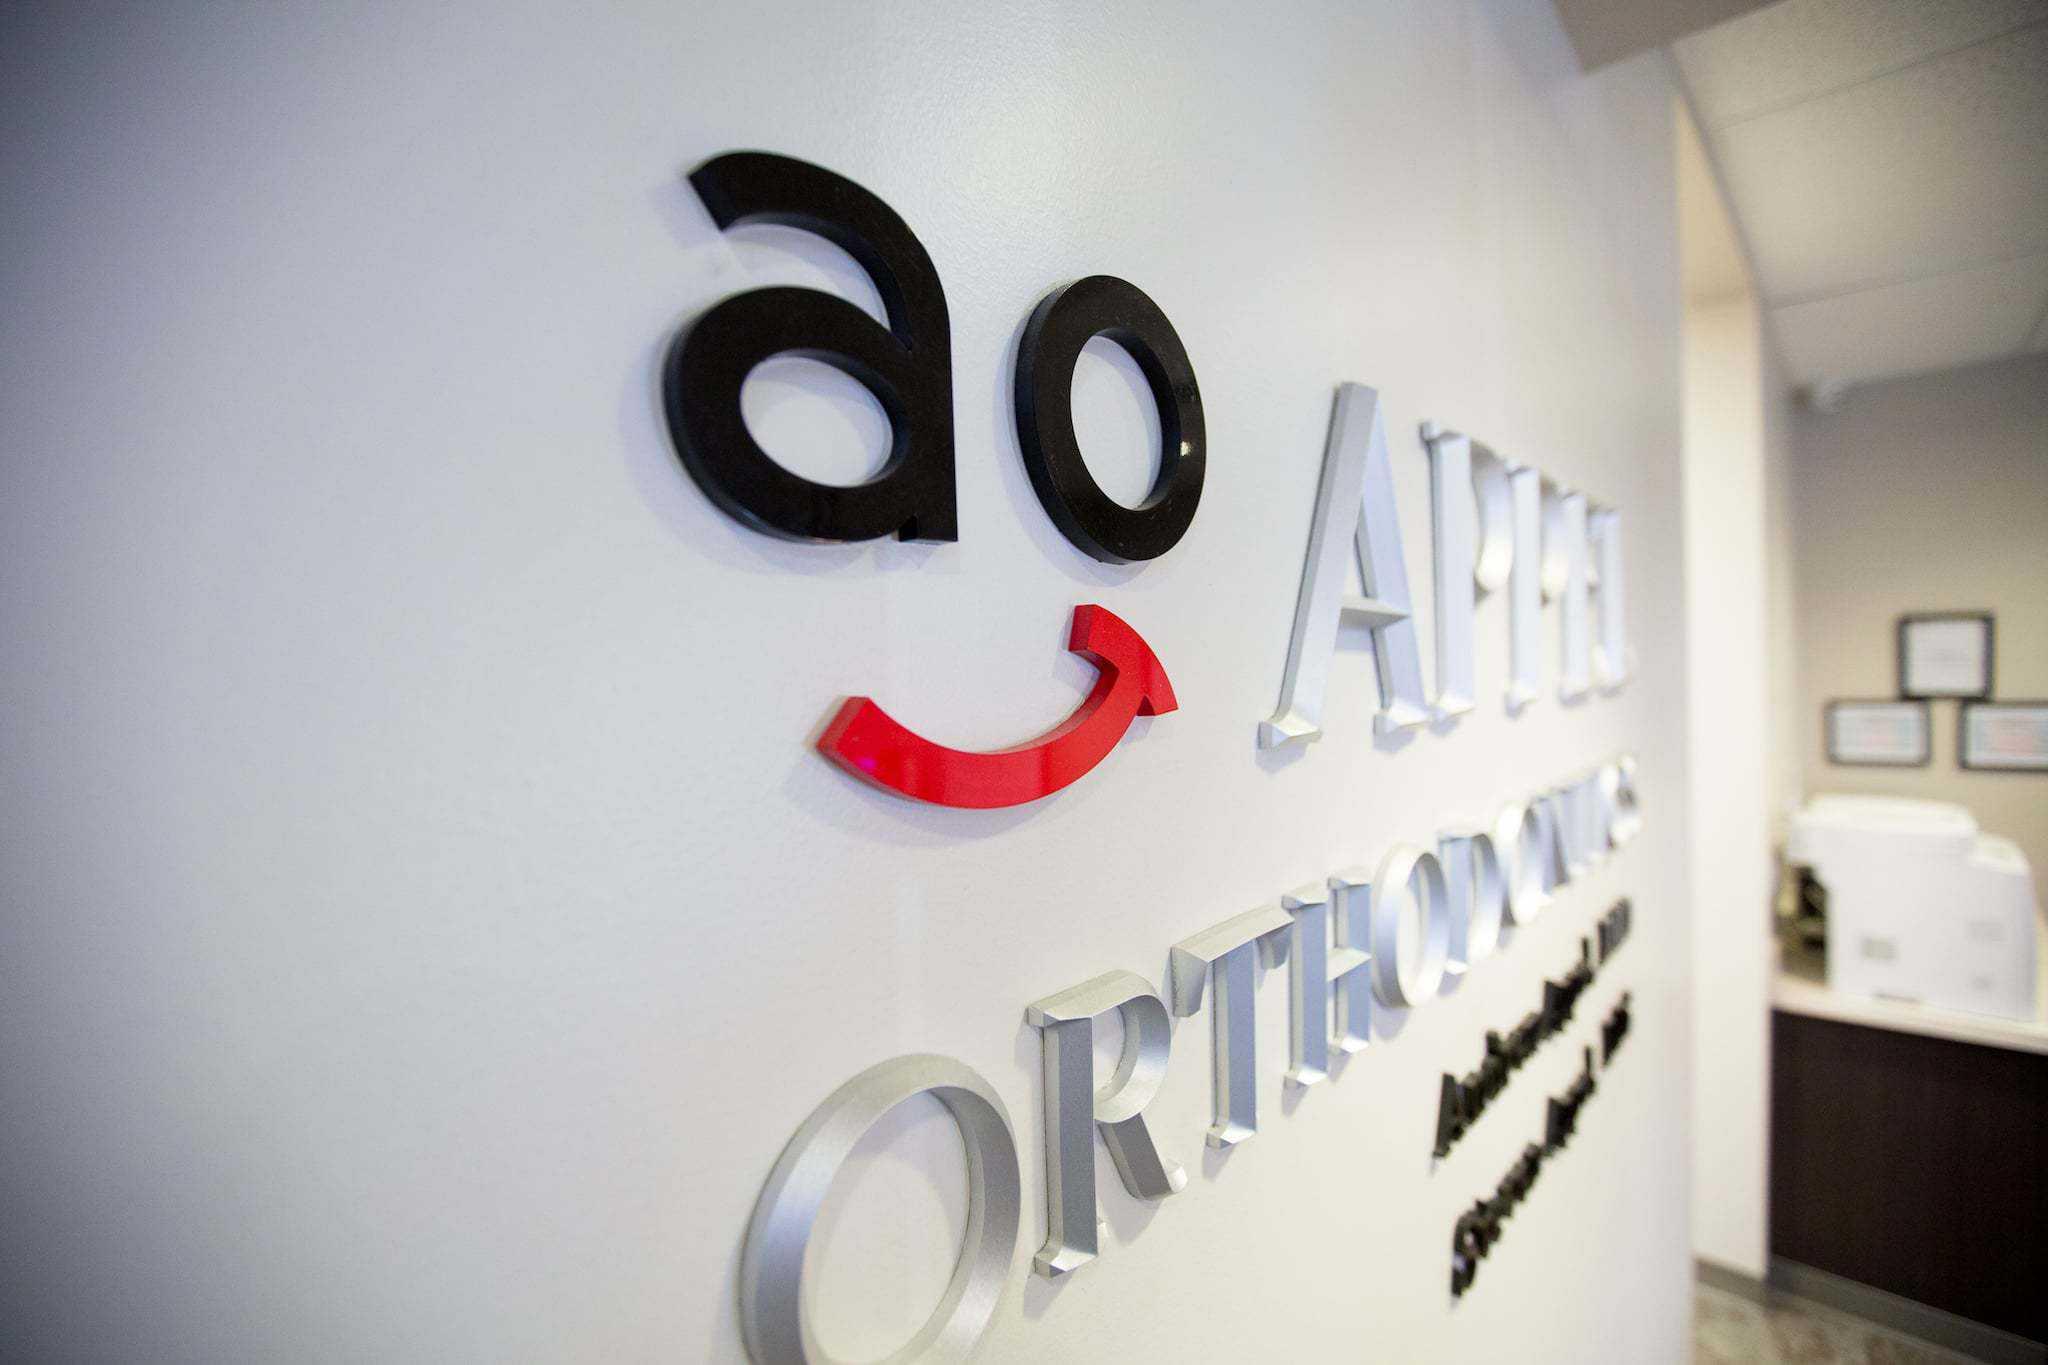 Appel Orthodontics Philadelphia Orthodontics Dr. Appel 30 1 - Hablamos Español